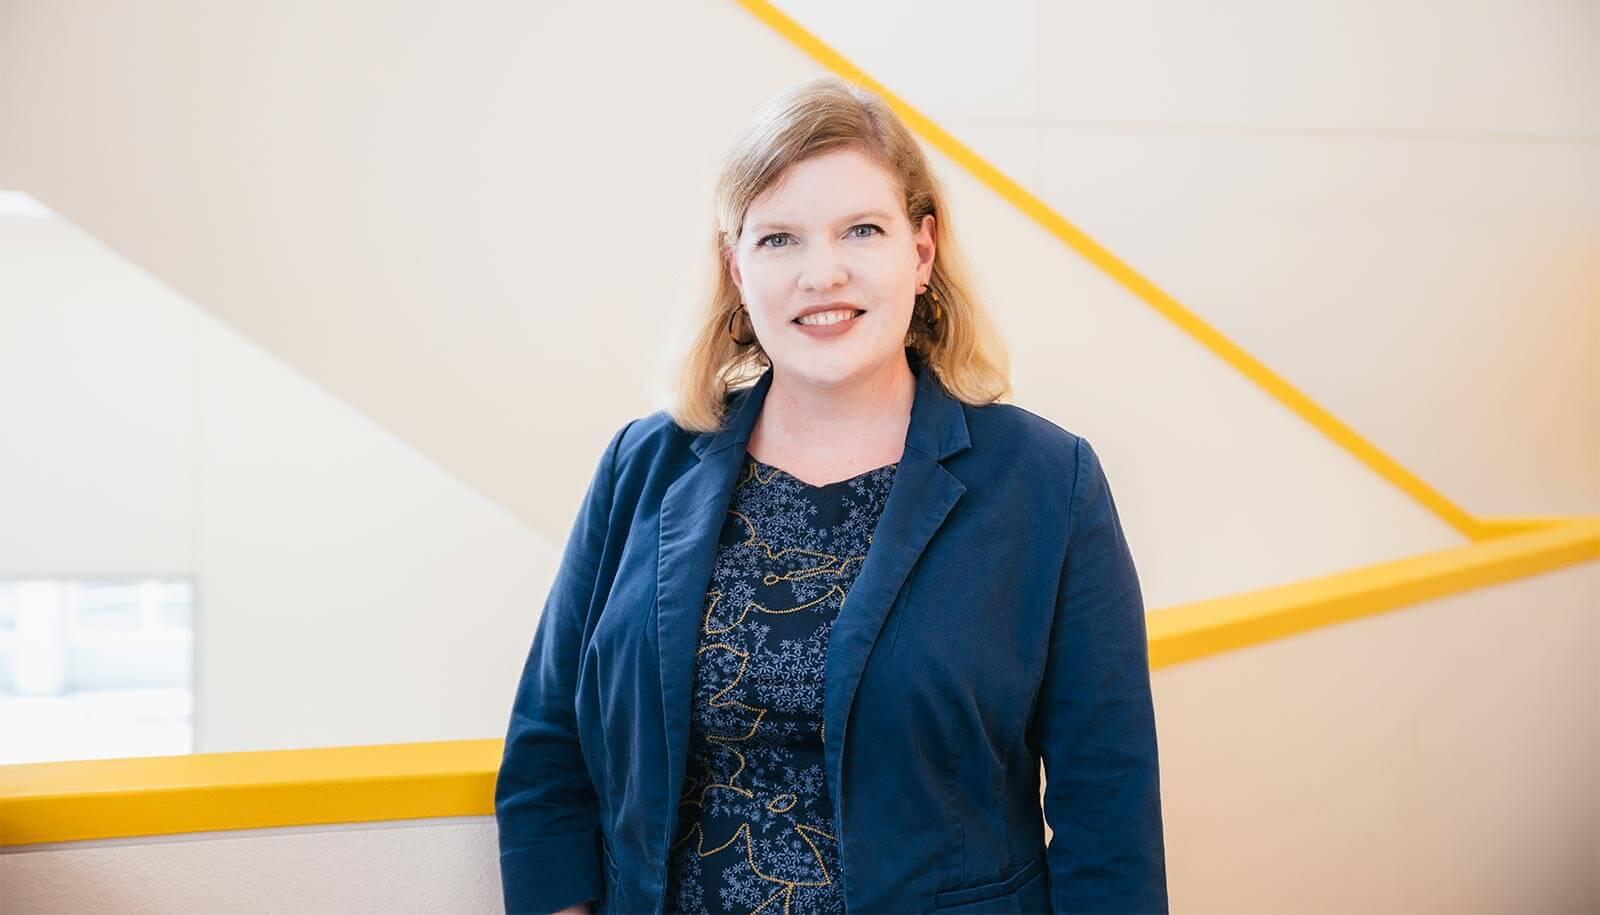 Carole Nickle, Middle School Associate Principal